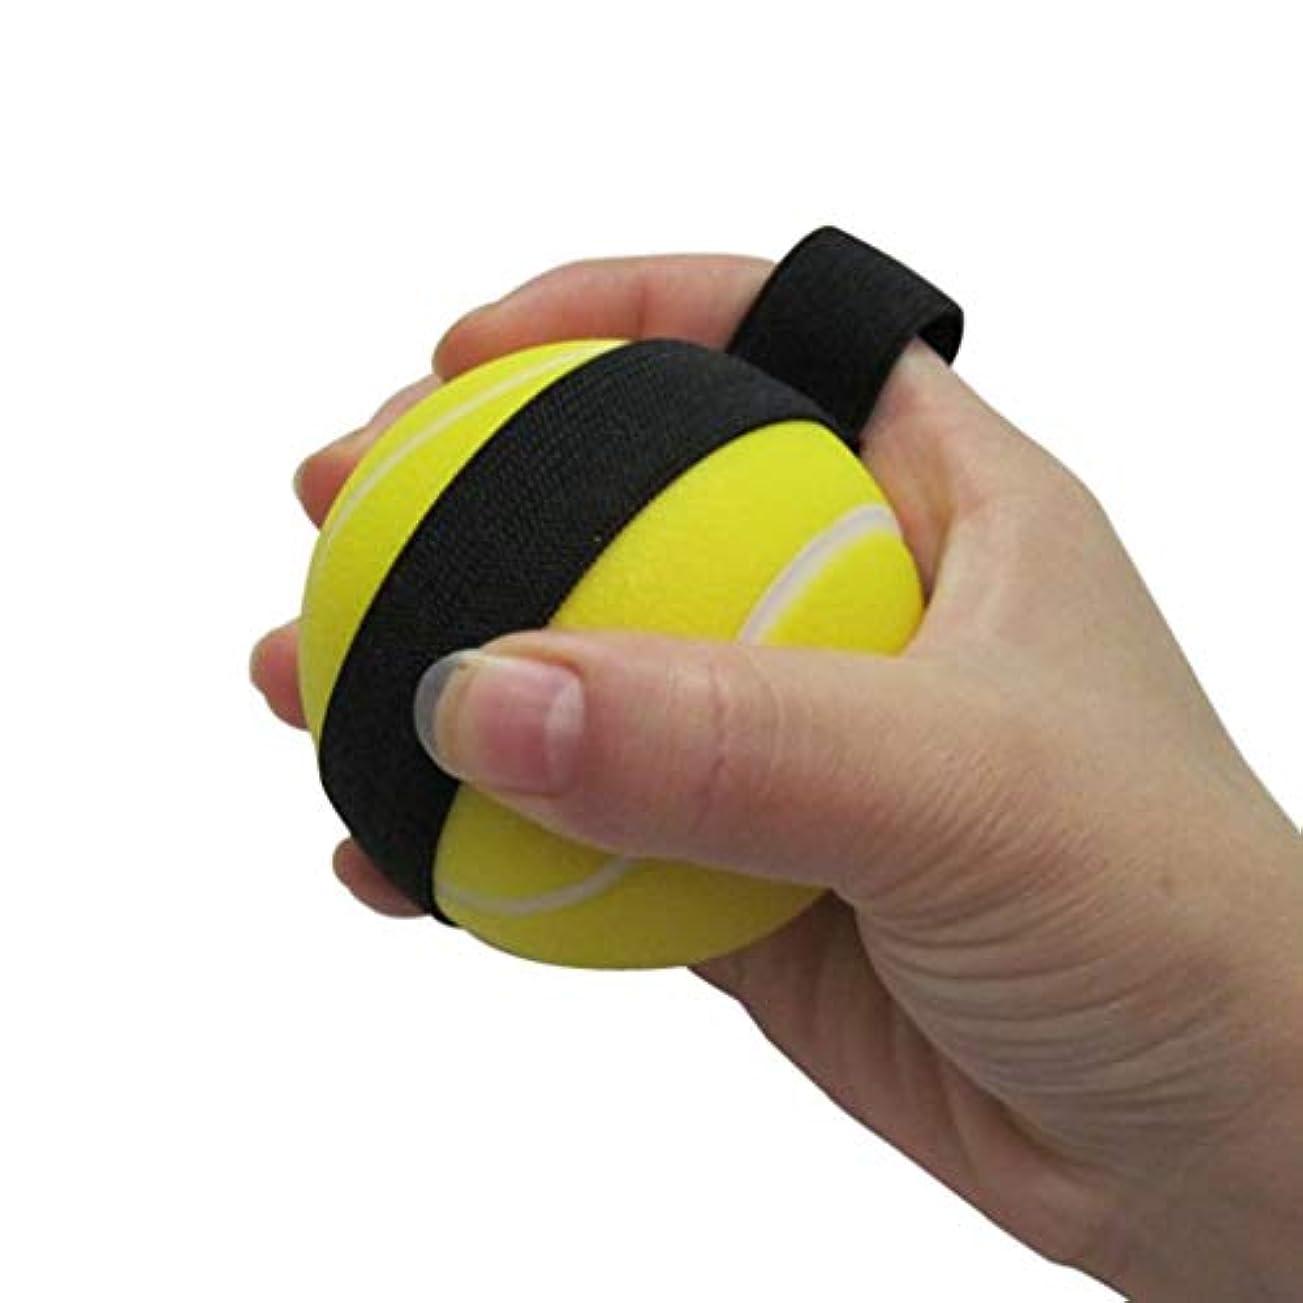 少しより多い者リハビリテーショングリップボールストローク片麻痺老人指の筋力リハビリトレーニング機器手の機能の問題群集リハビリテーションエクササイズグリップ